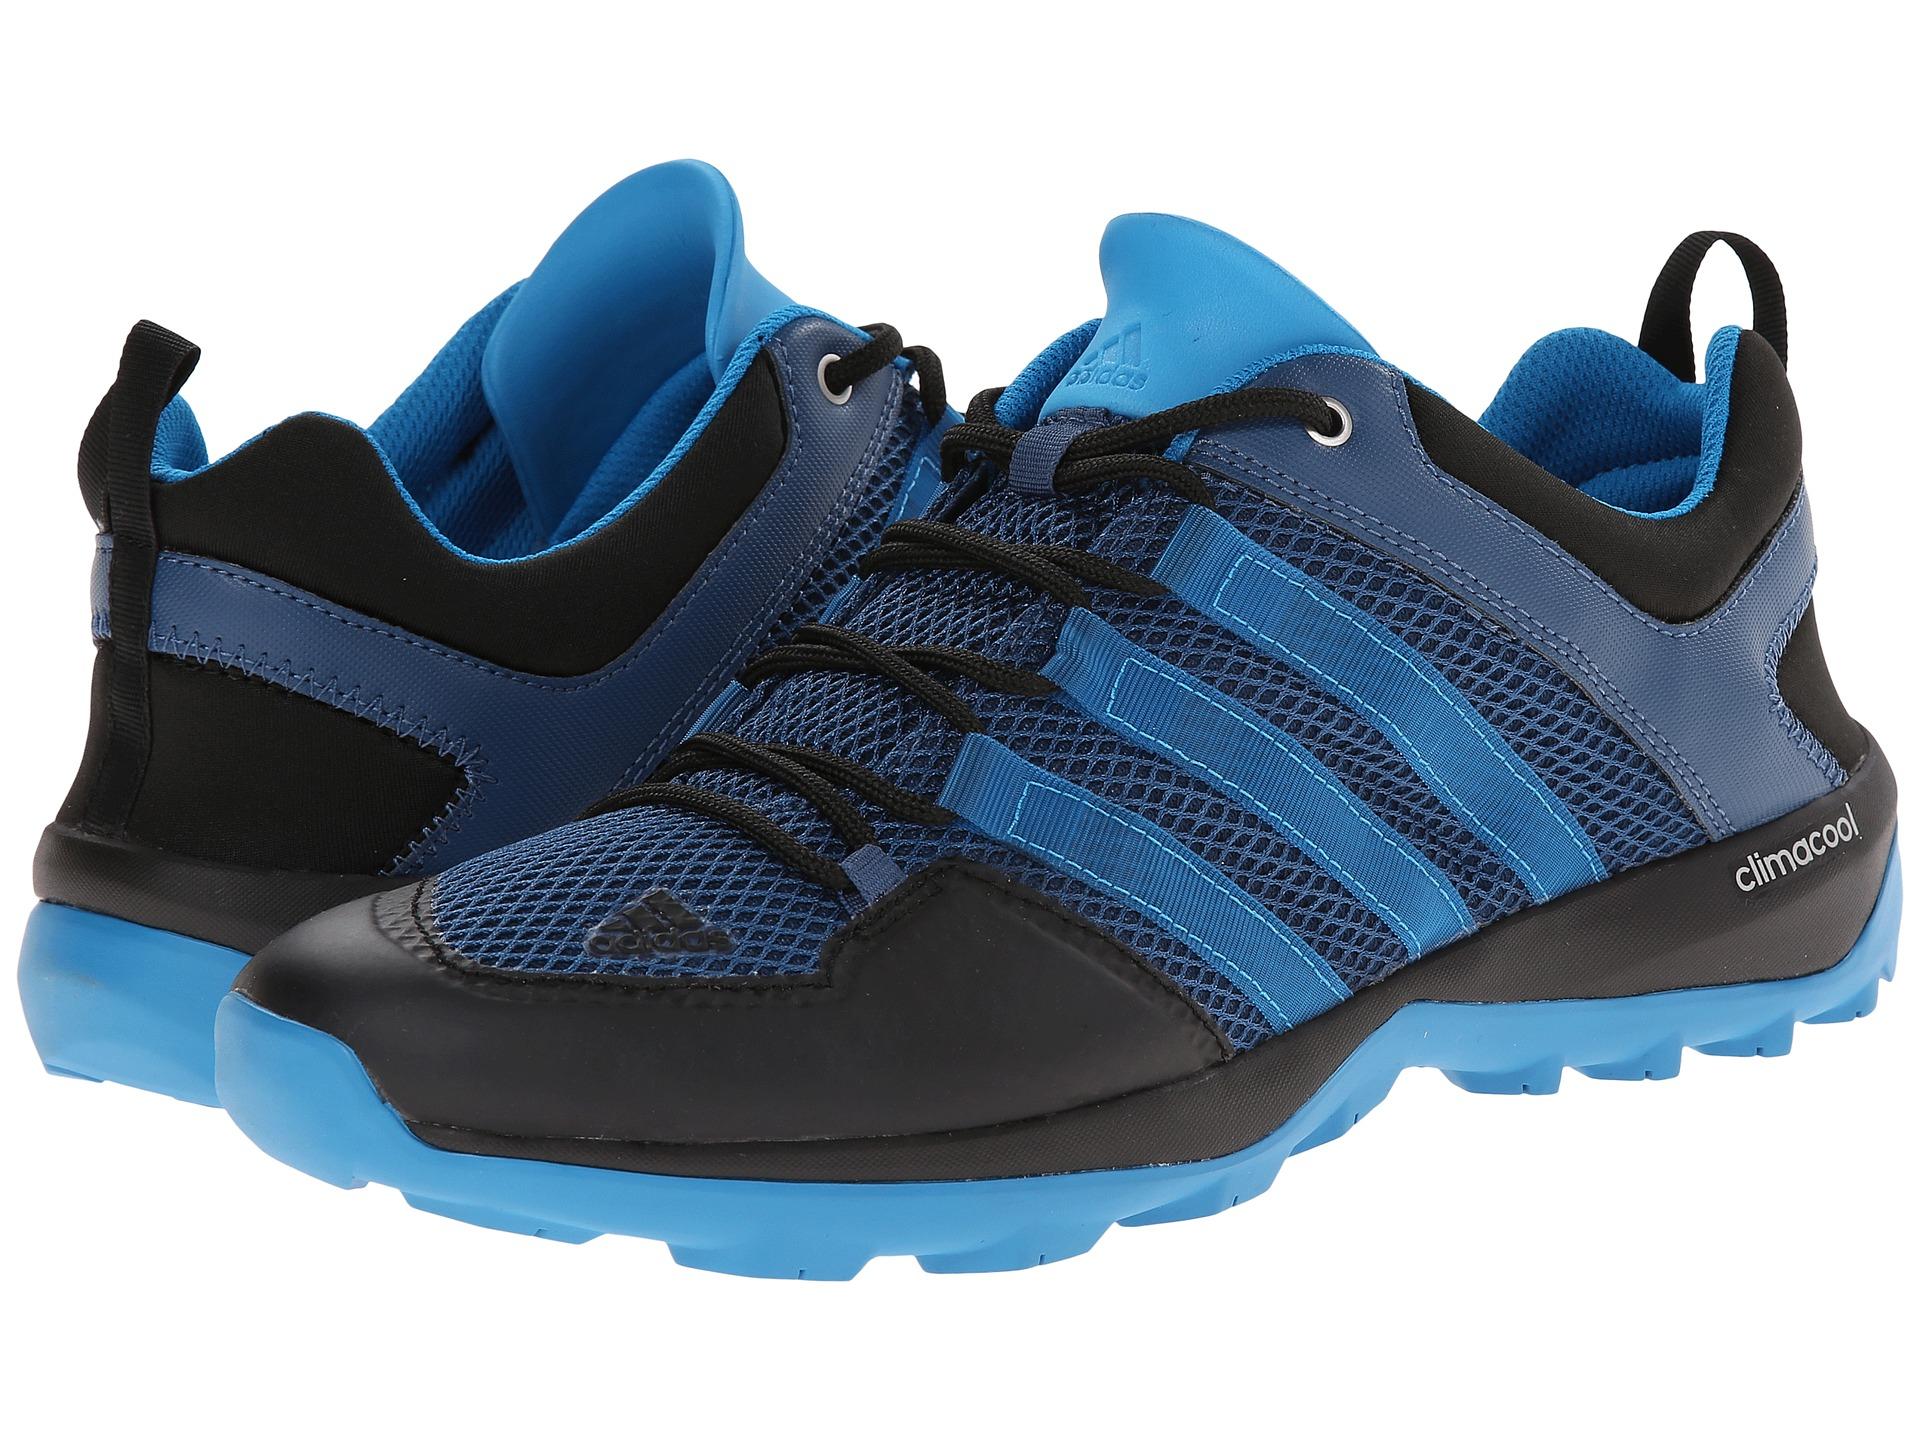 bf8fcf5b09e130 Lyst - adidas Climacool® Daroga Plus in Blue for Men